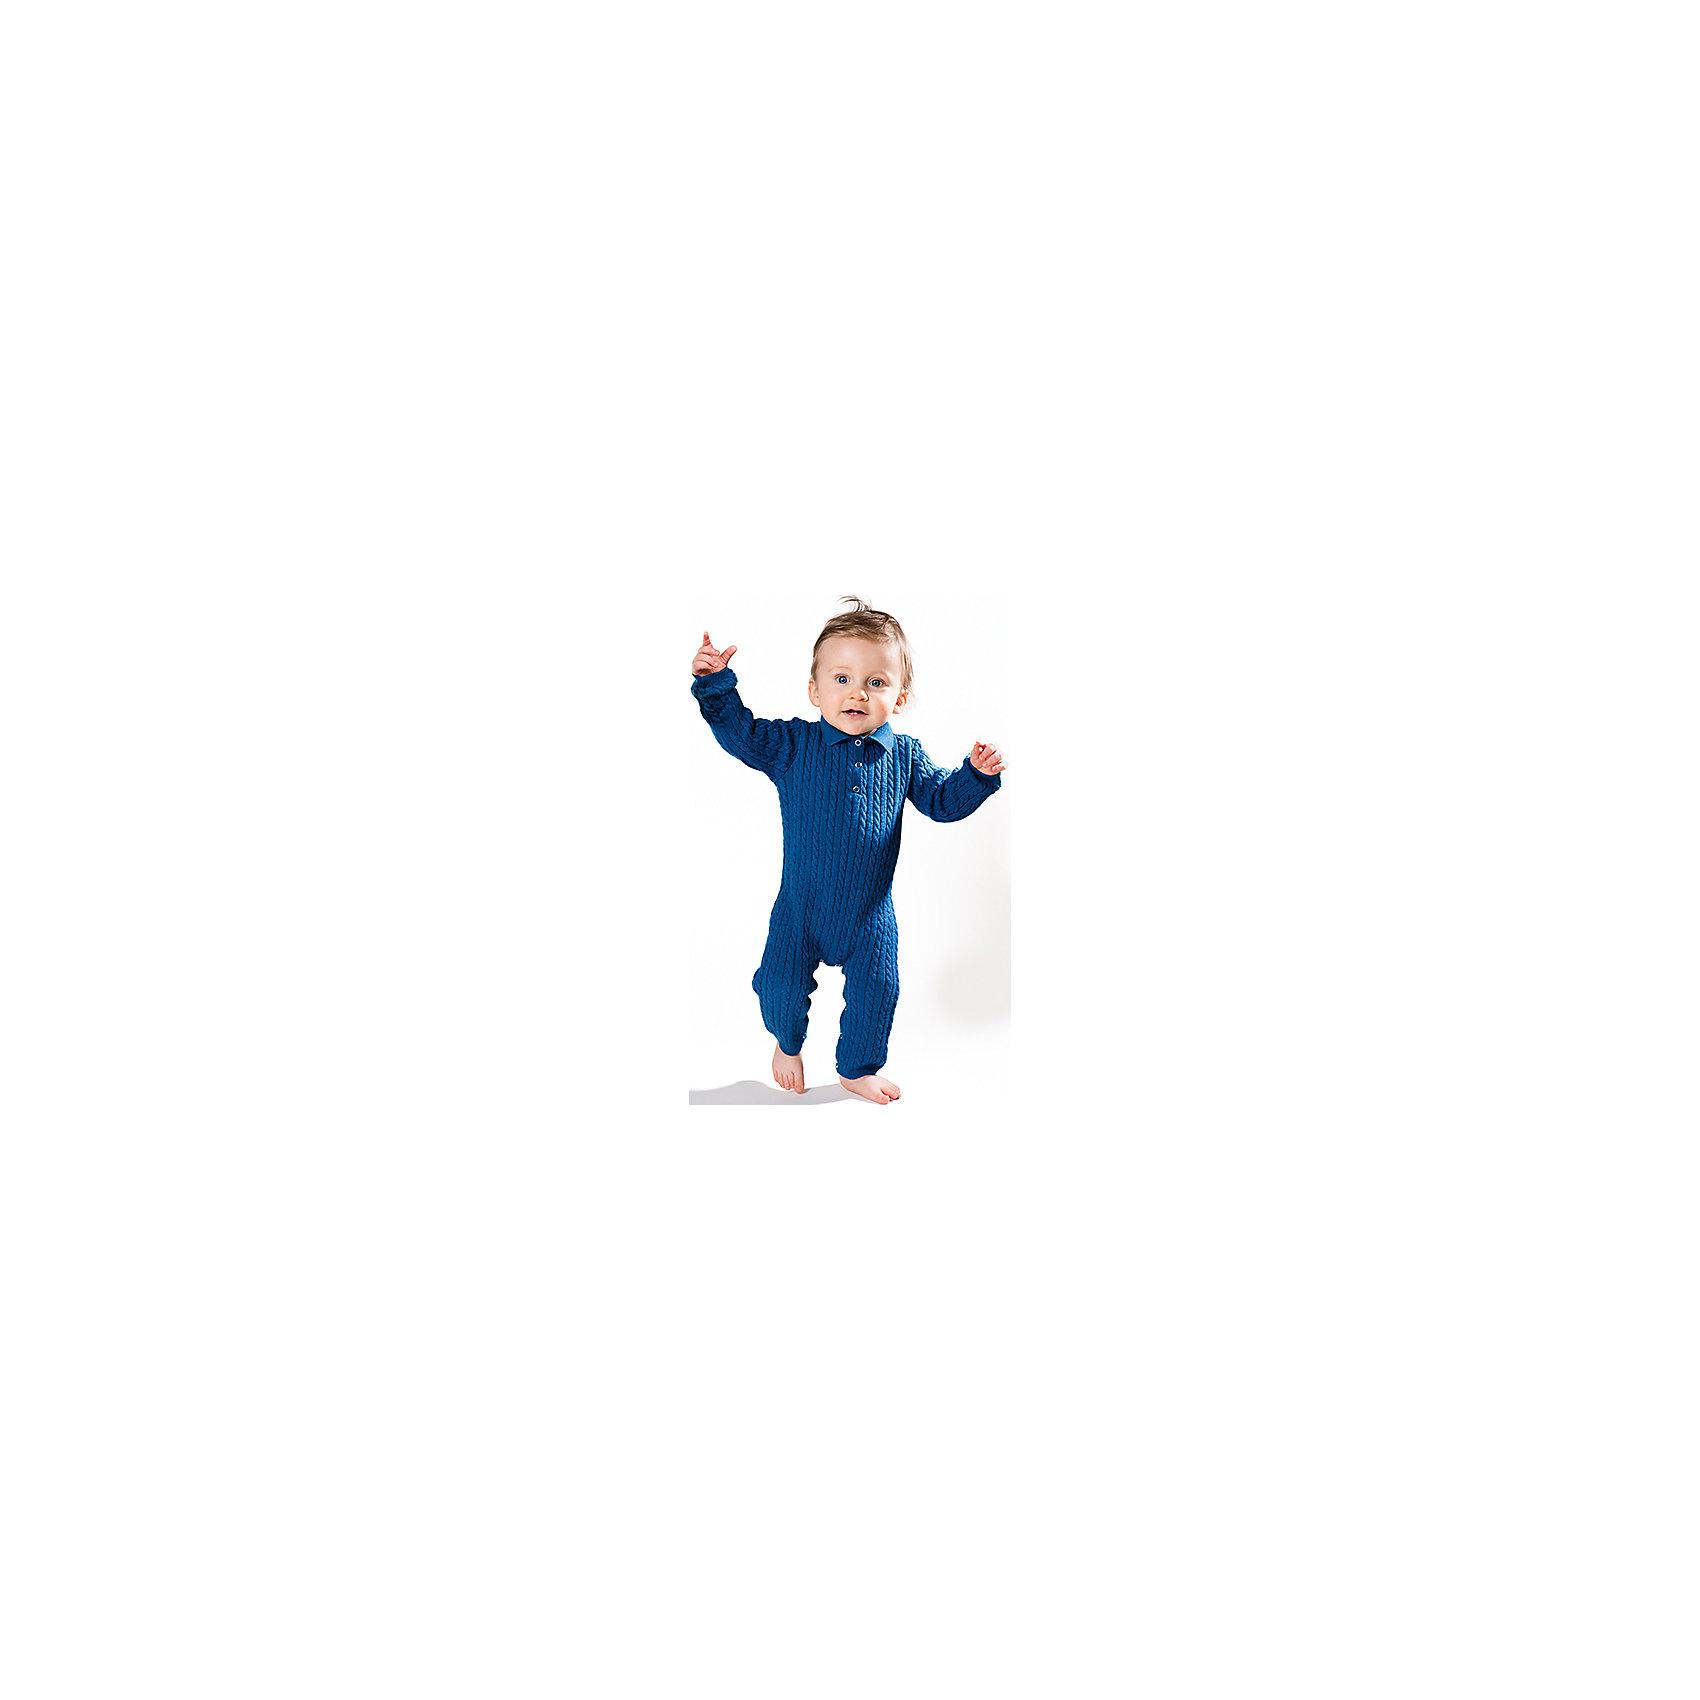 Комбинезон NorvegФлис и термобелье<br>Комбинезон от известного бренда Norveg<br><br>Термокомбинезон Norveg Overall Wool от немецкой компании Norveg (Норвег) - это удобная и красивая одежда, которая обеспечит комфортную терморегуляцию тела и на улице, и в помещении. <br>Он сделан из шерсти мериноса (австралийской тонкорунной овцы), которая обладает гипоаллергенными свойствами, поэтому не вызывает раздражения, даже если надета на голое тело. Для удобства малышей в пряжу добавлена шерсть альпаки.<br>Отличительные особенности модели:<br><br>- цвет: синий;<br>- анатомические резинки;<br>- материал впитывает влагу и сразу выводит наружу;<br>- анатомический крой;<br>- подходит и мальчикам, и девочкам;<br>- кнопки внизу изделия и на вороте.<br><br>Дополнительная информация:<br><br>- Температурный режим: от - 20° С  до +5° С.<br><br>- Состав: 100% шерсть мериносов и альпаки<br><br>Комбинезон Norveg (Норвег) можно купить в нашем магазине.<br><br>Ширина мм: 356<br>Глубина мм: 10<br>Высота мм: 245<br>Вес г: 519<br>Цвет: голубой<br>Возраст от месяцев: 3<br>Возраст до месяцев: 6<br>Пол: Мужской<br>Возраст: Детский<br>Размер: 80/86,68/74<br>SKU: 3895221